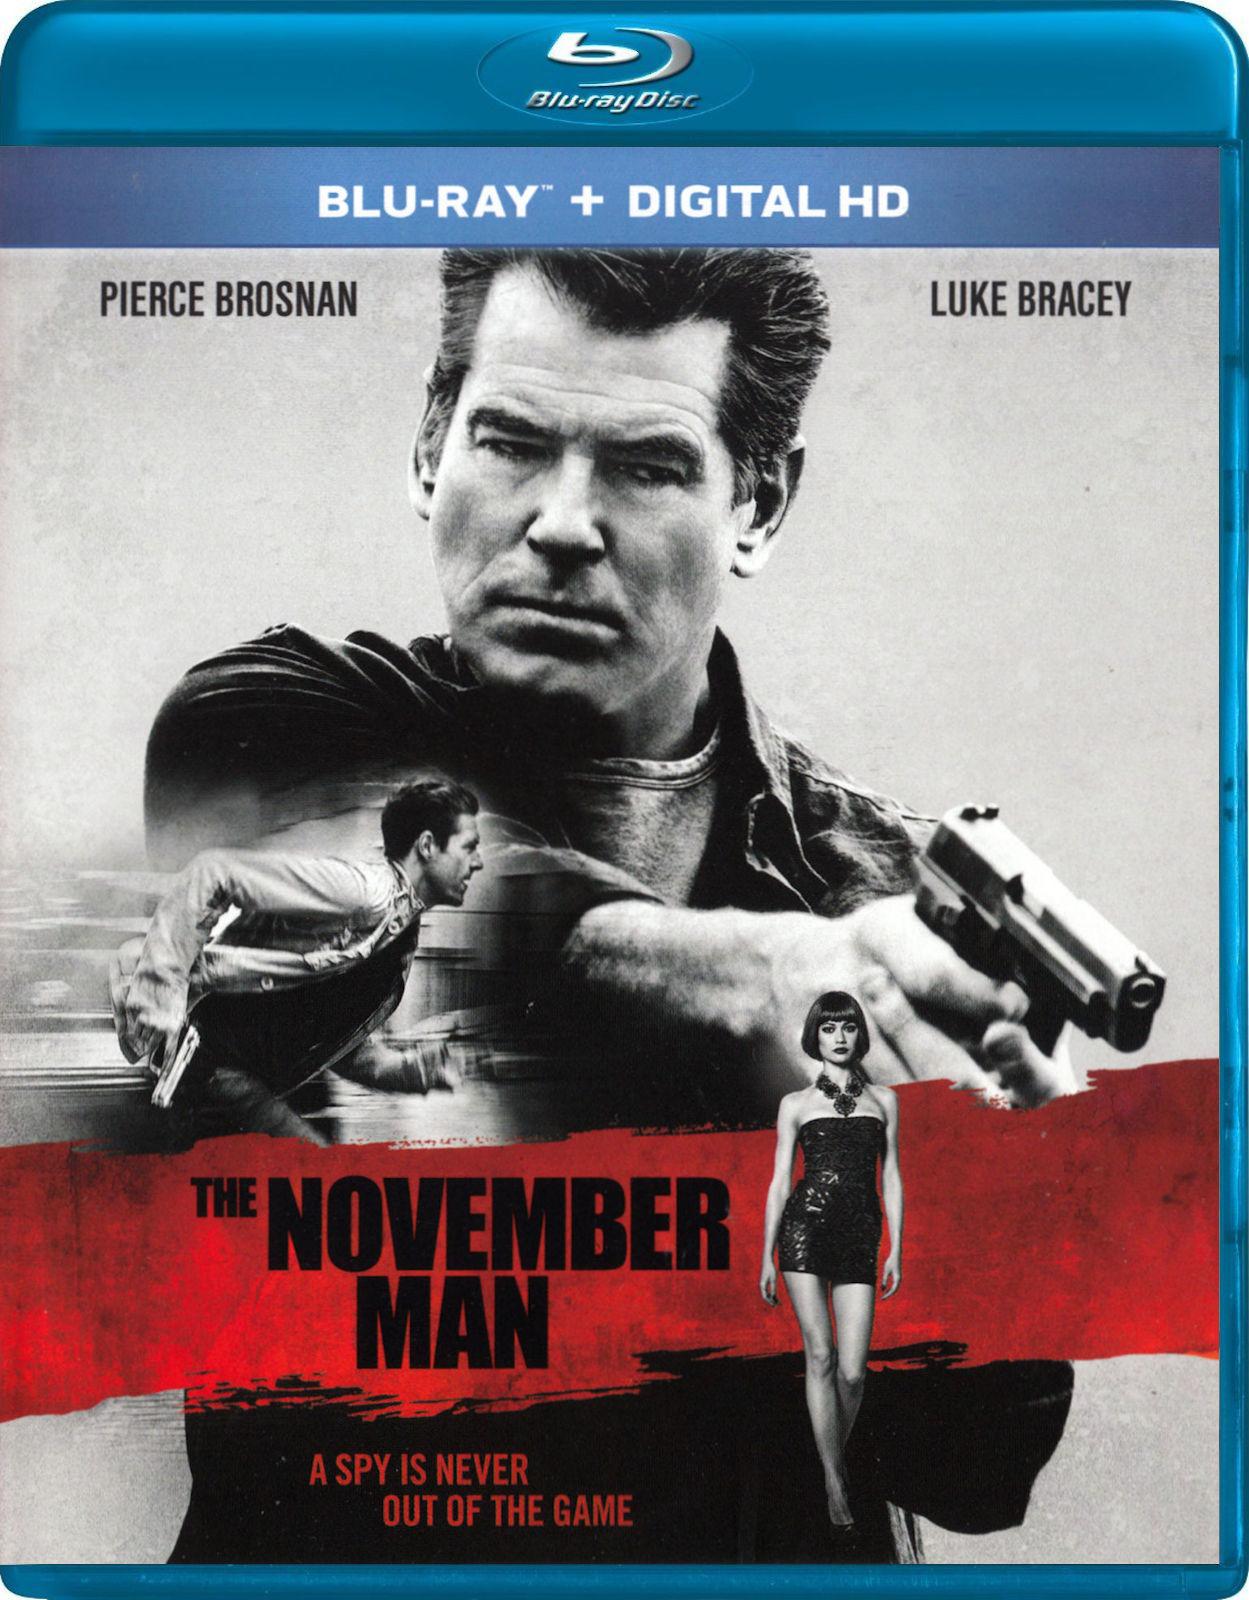 The November Man (2014) Hollywood Hindi Dubbed Movie ORG [Hindi – English] BluRay 720p & 480p Download